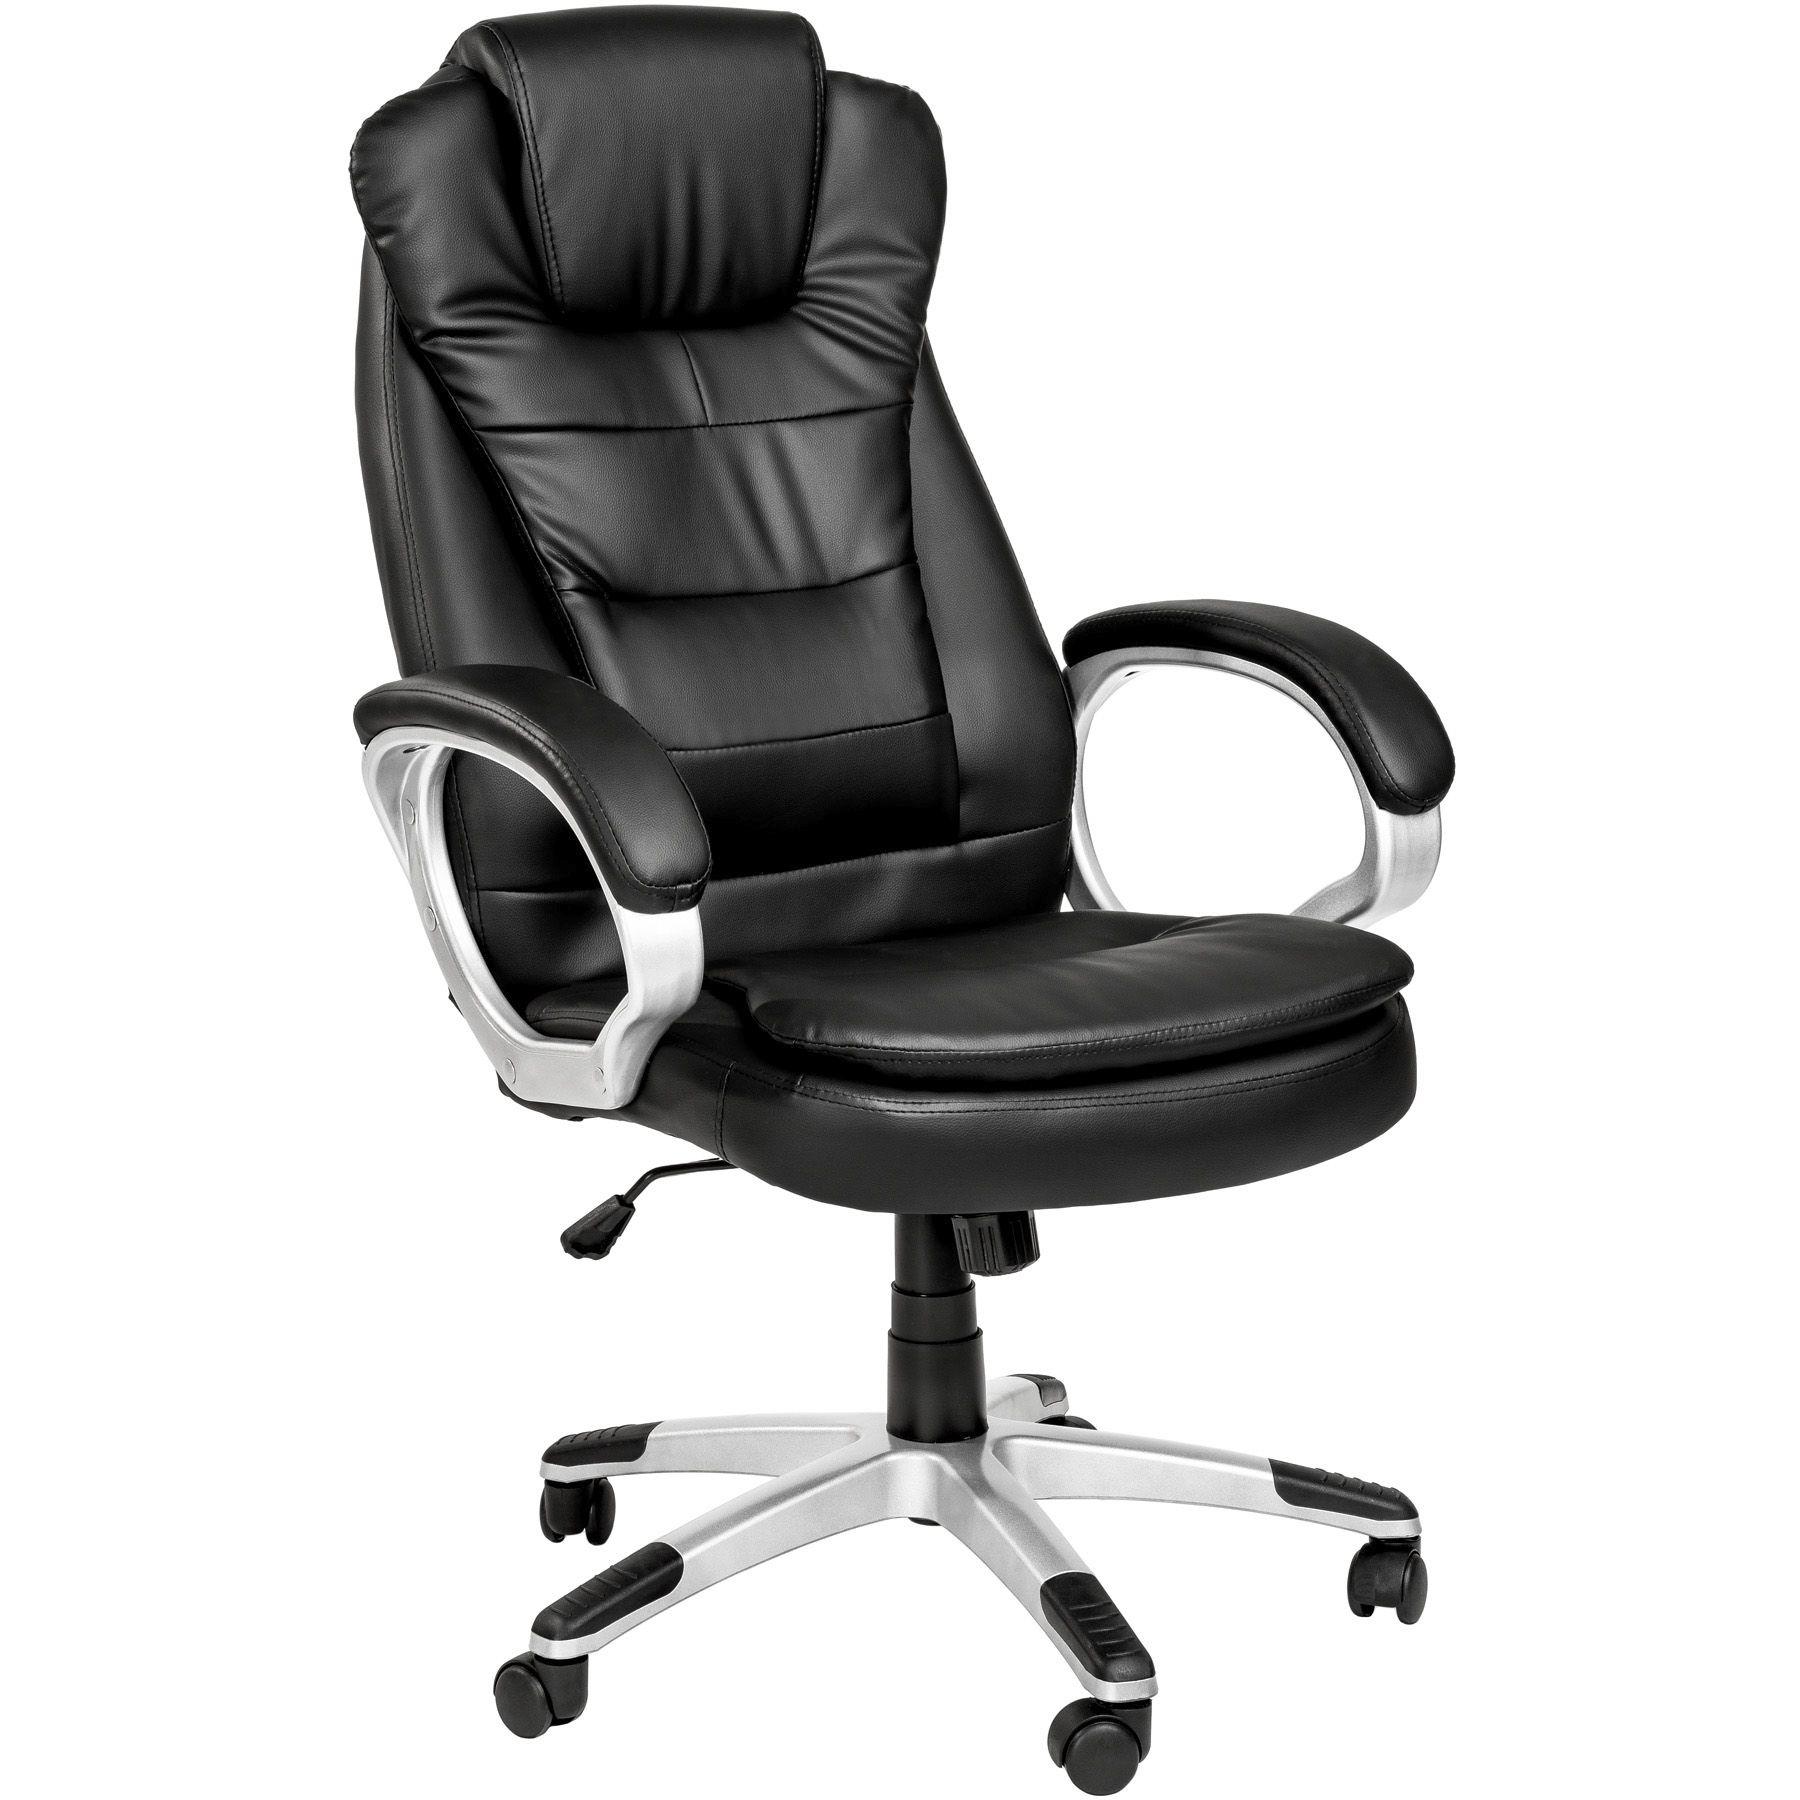 Détails sur Chaise fauteuil siège de bureau hauteur réglable avec double rembourrage